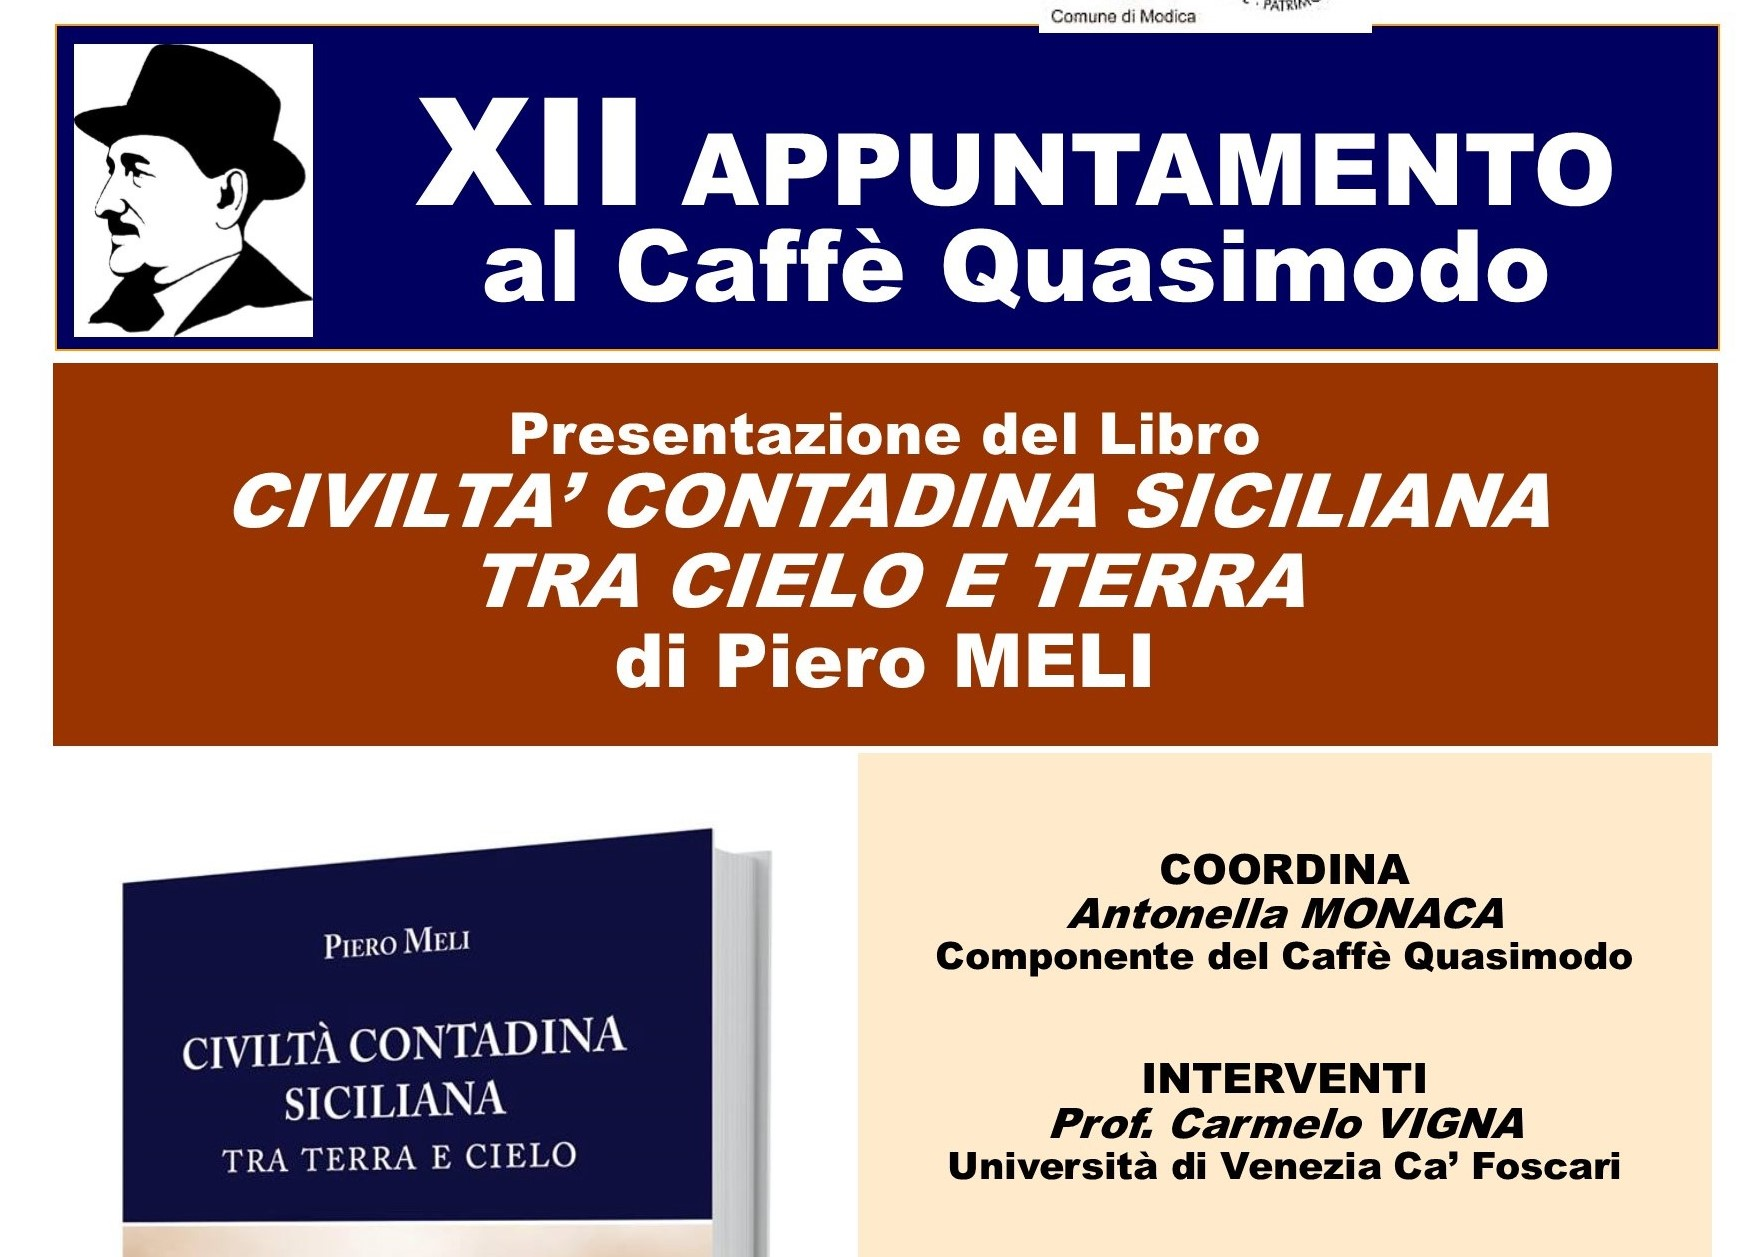 Modica, Caffè Letterario Quasimodo: si presenta libro di Piero Meli